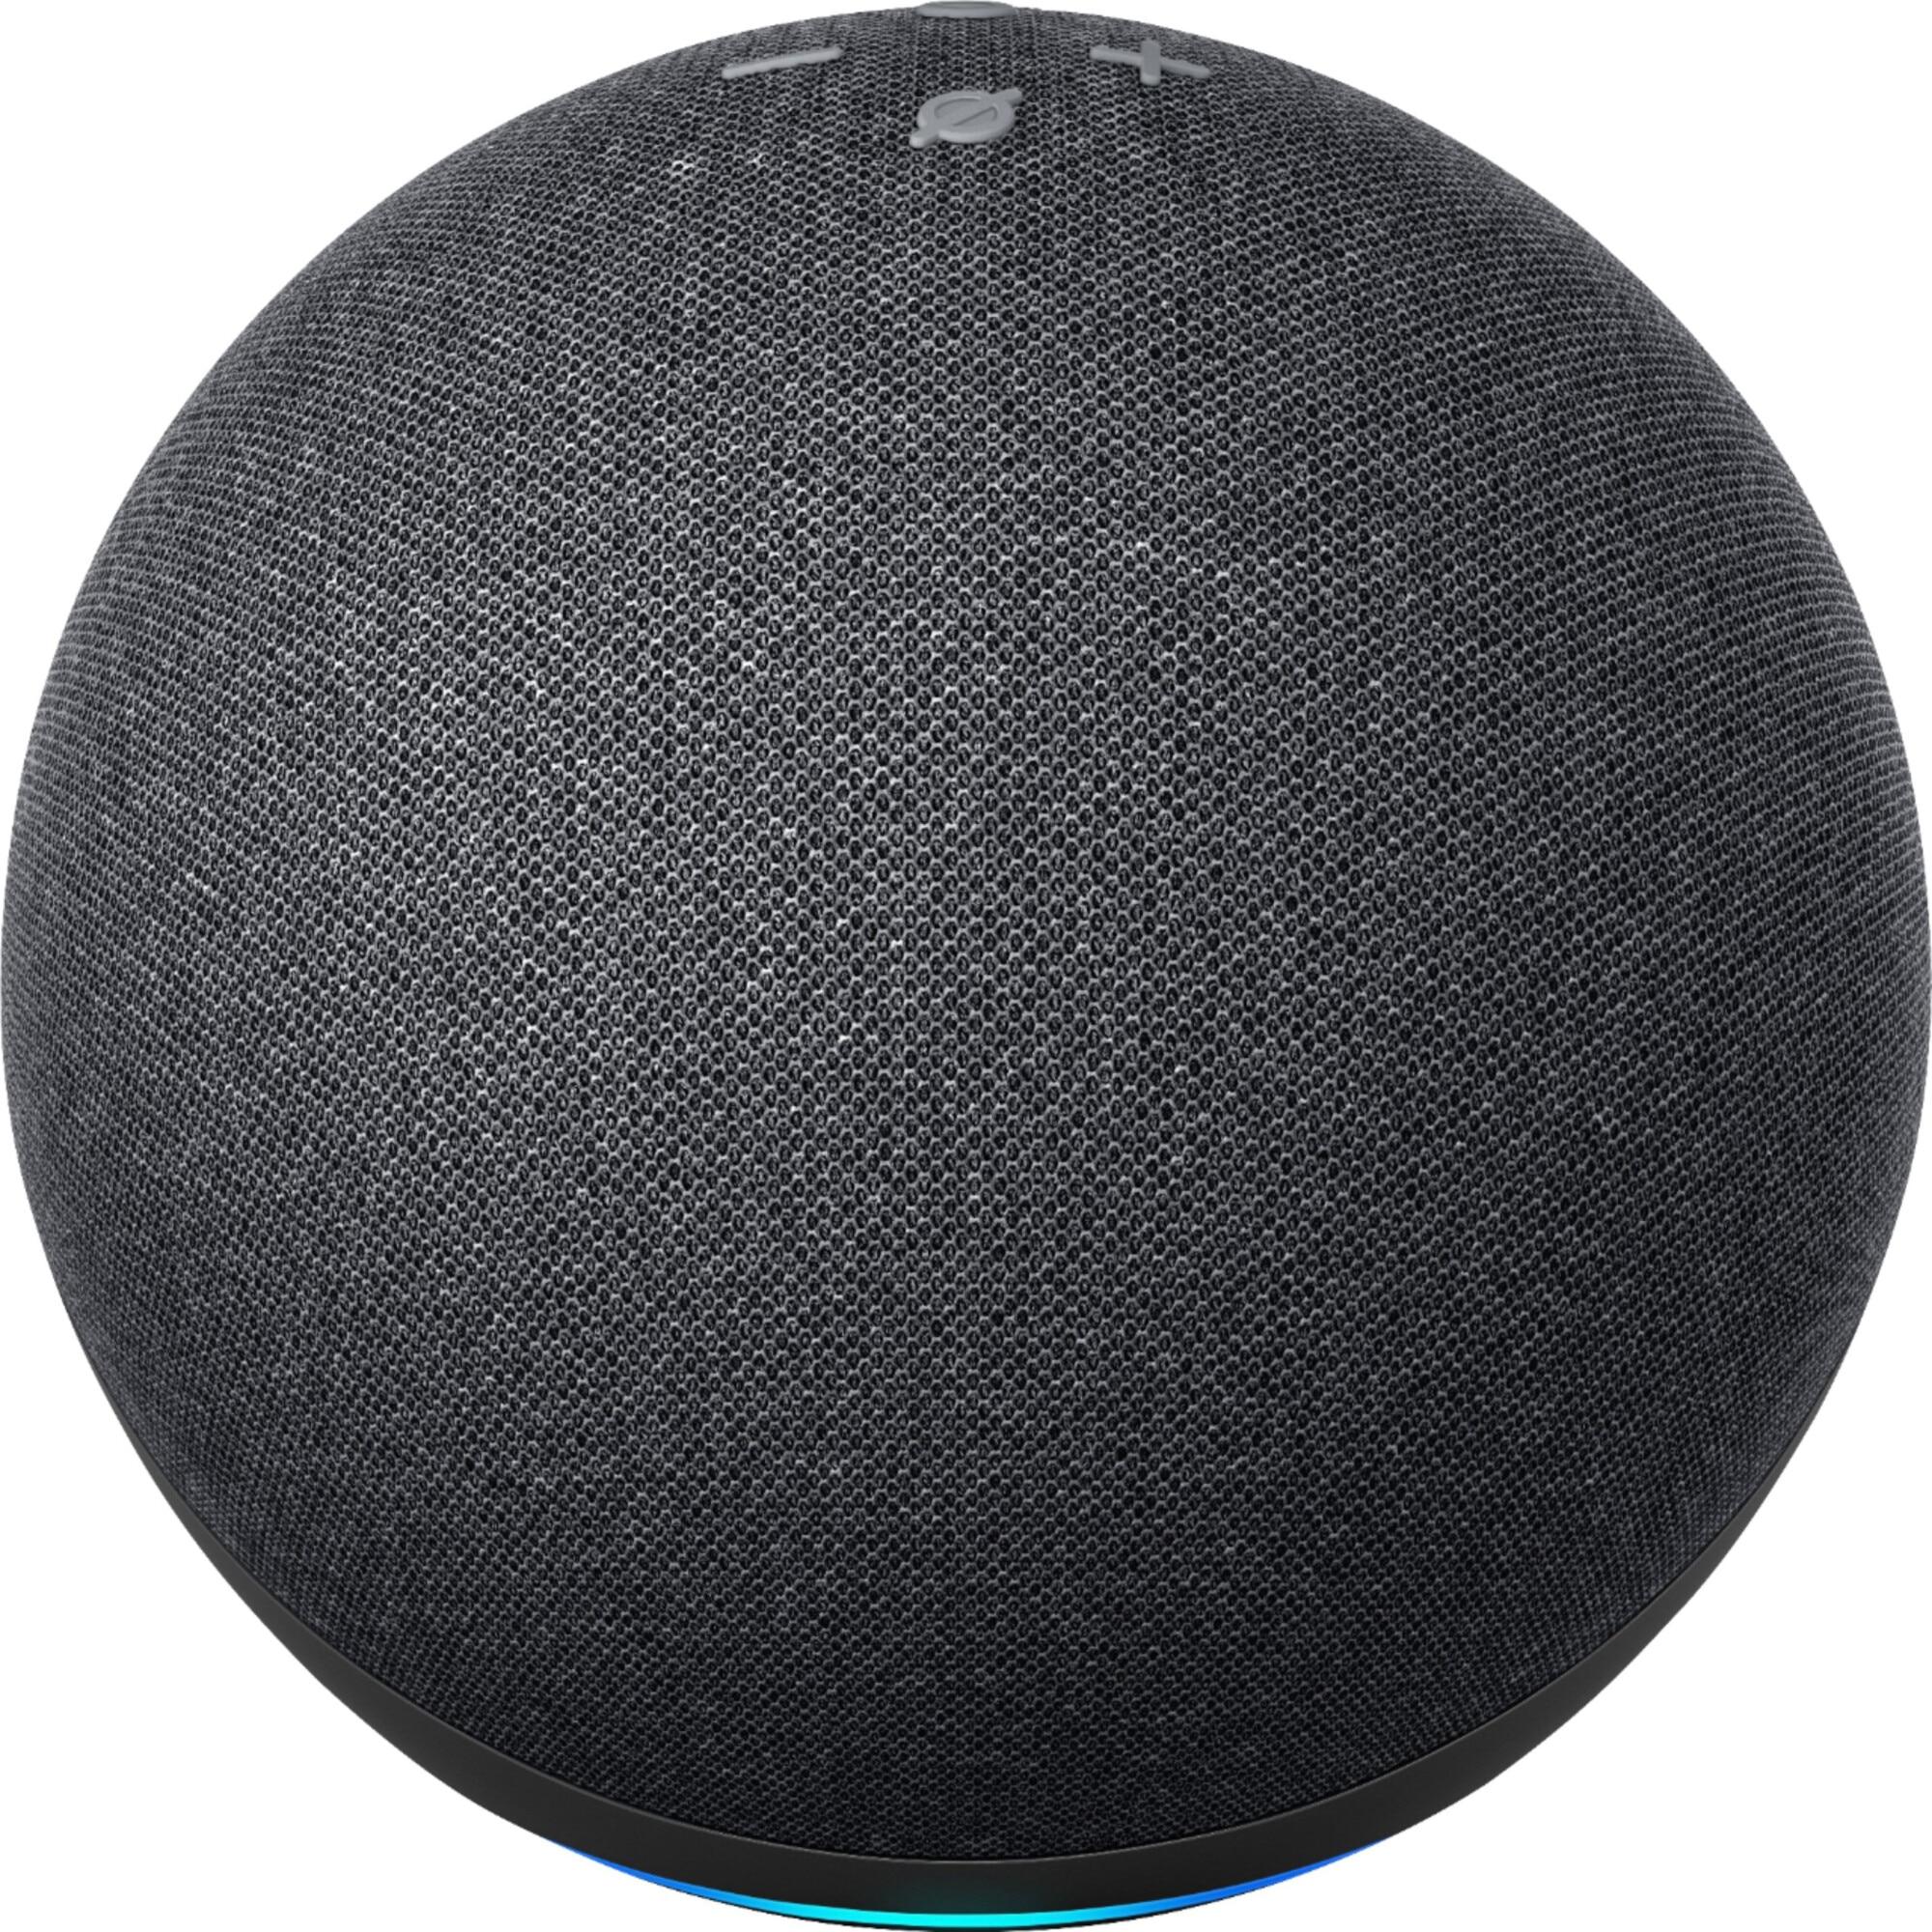 Fotografie Boxa inteligenta Amazon Echo 4, Control Voce Alexa, Wi-Fi, Bluetooth, Dolby, Negru